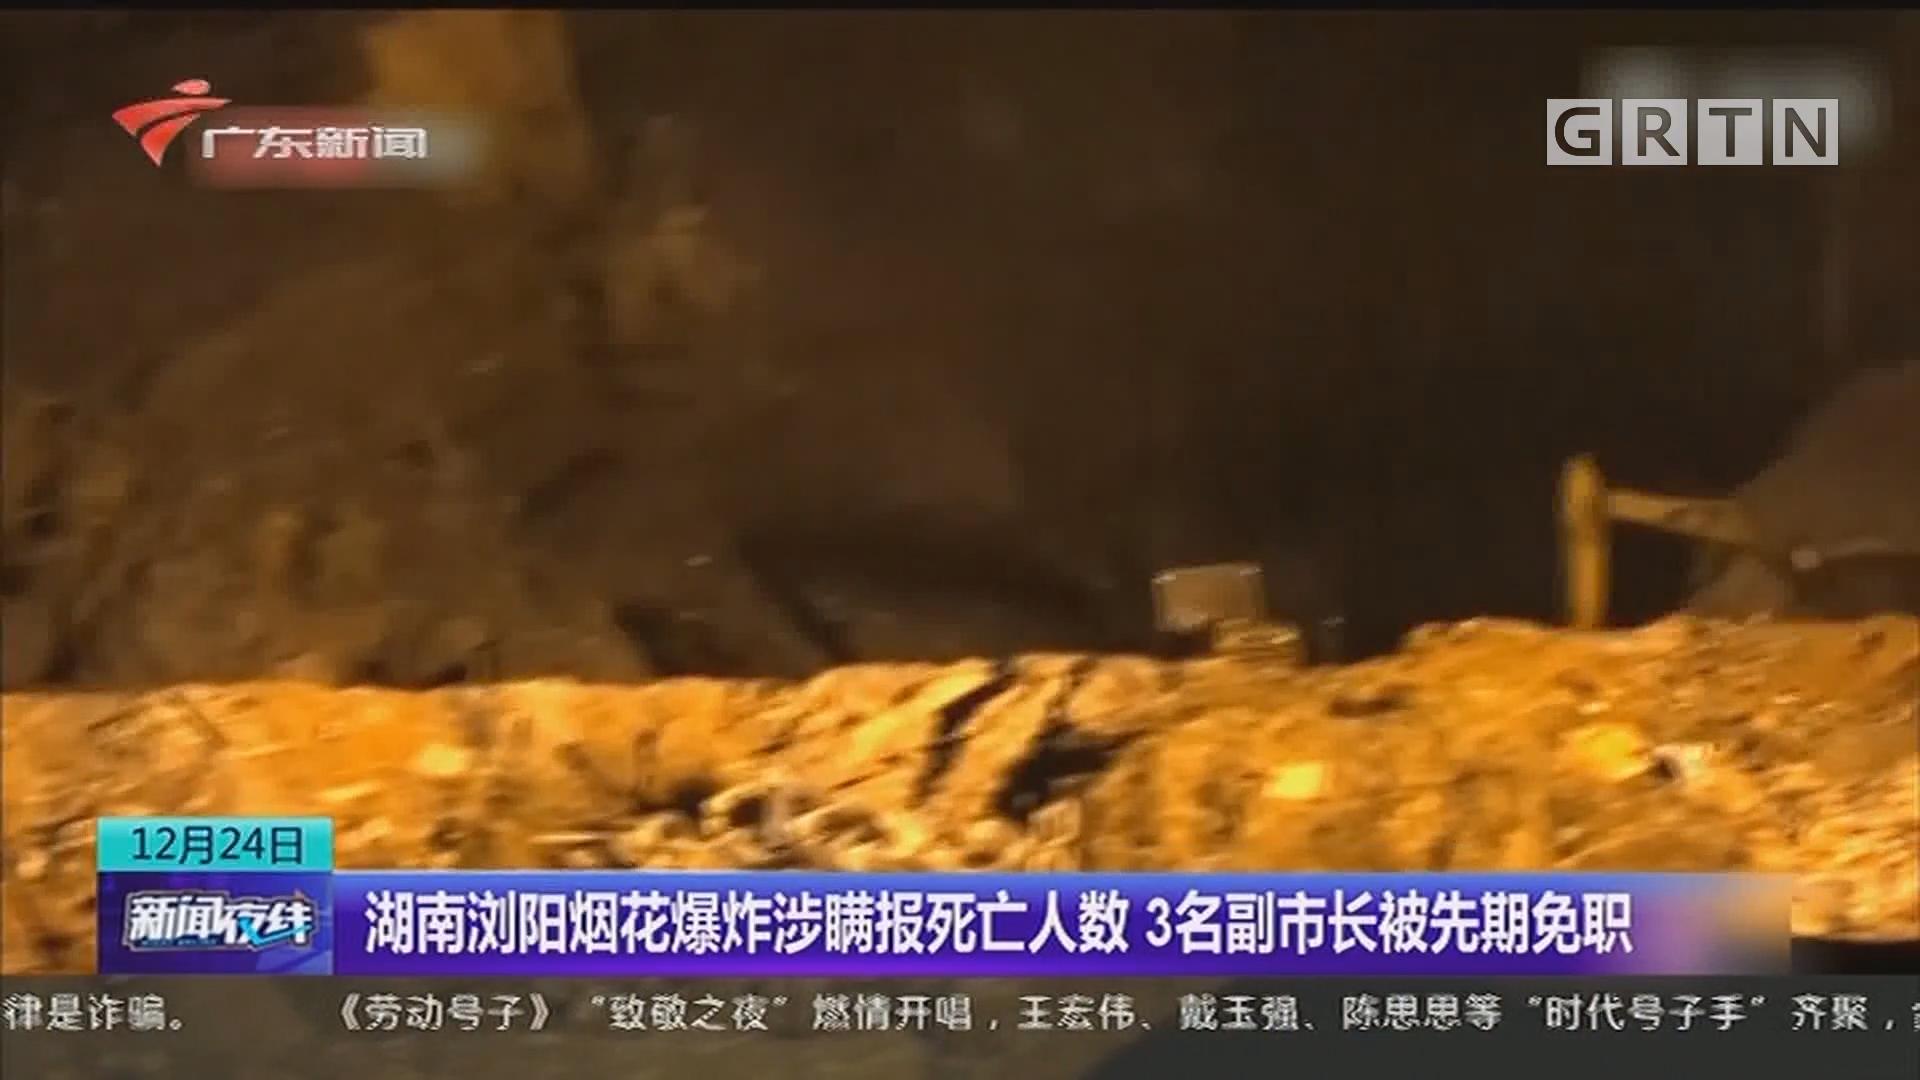 湖南浏阳烟花爆炸涉瞒报死亡人数 3名副市长被先期免职